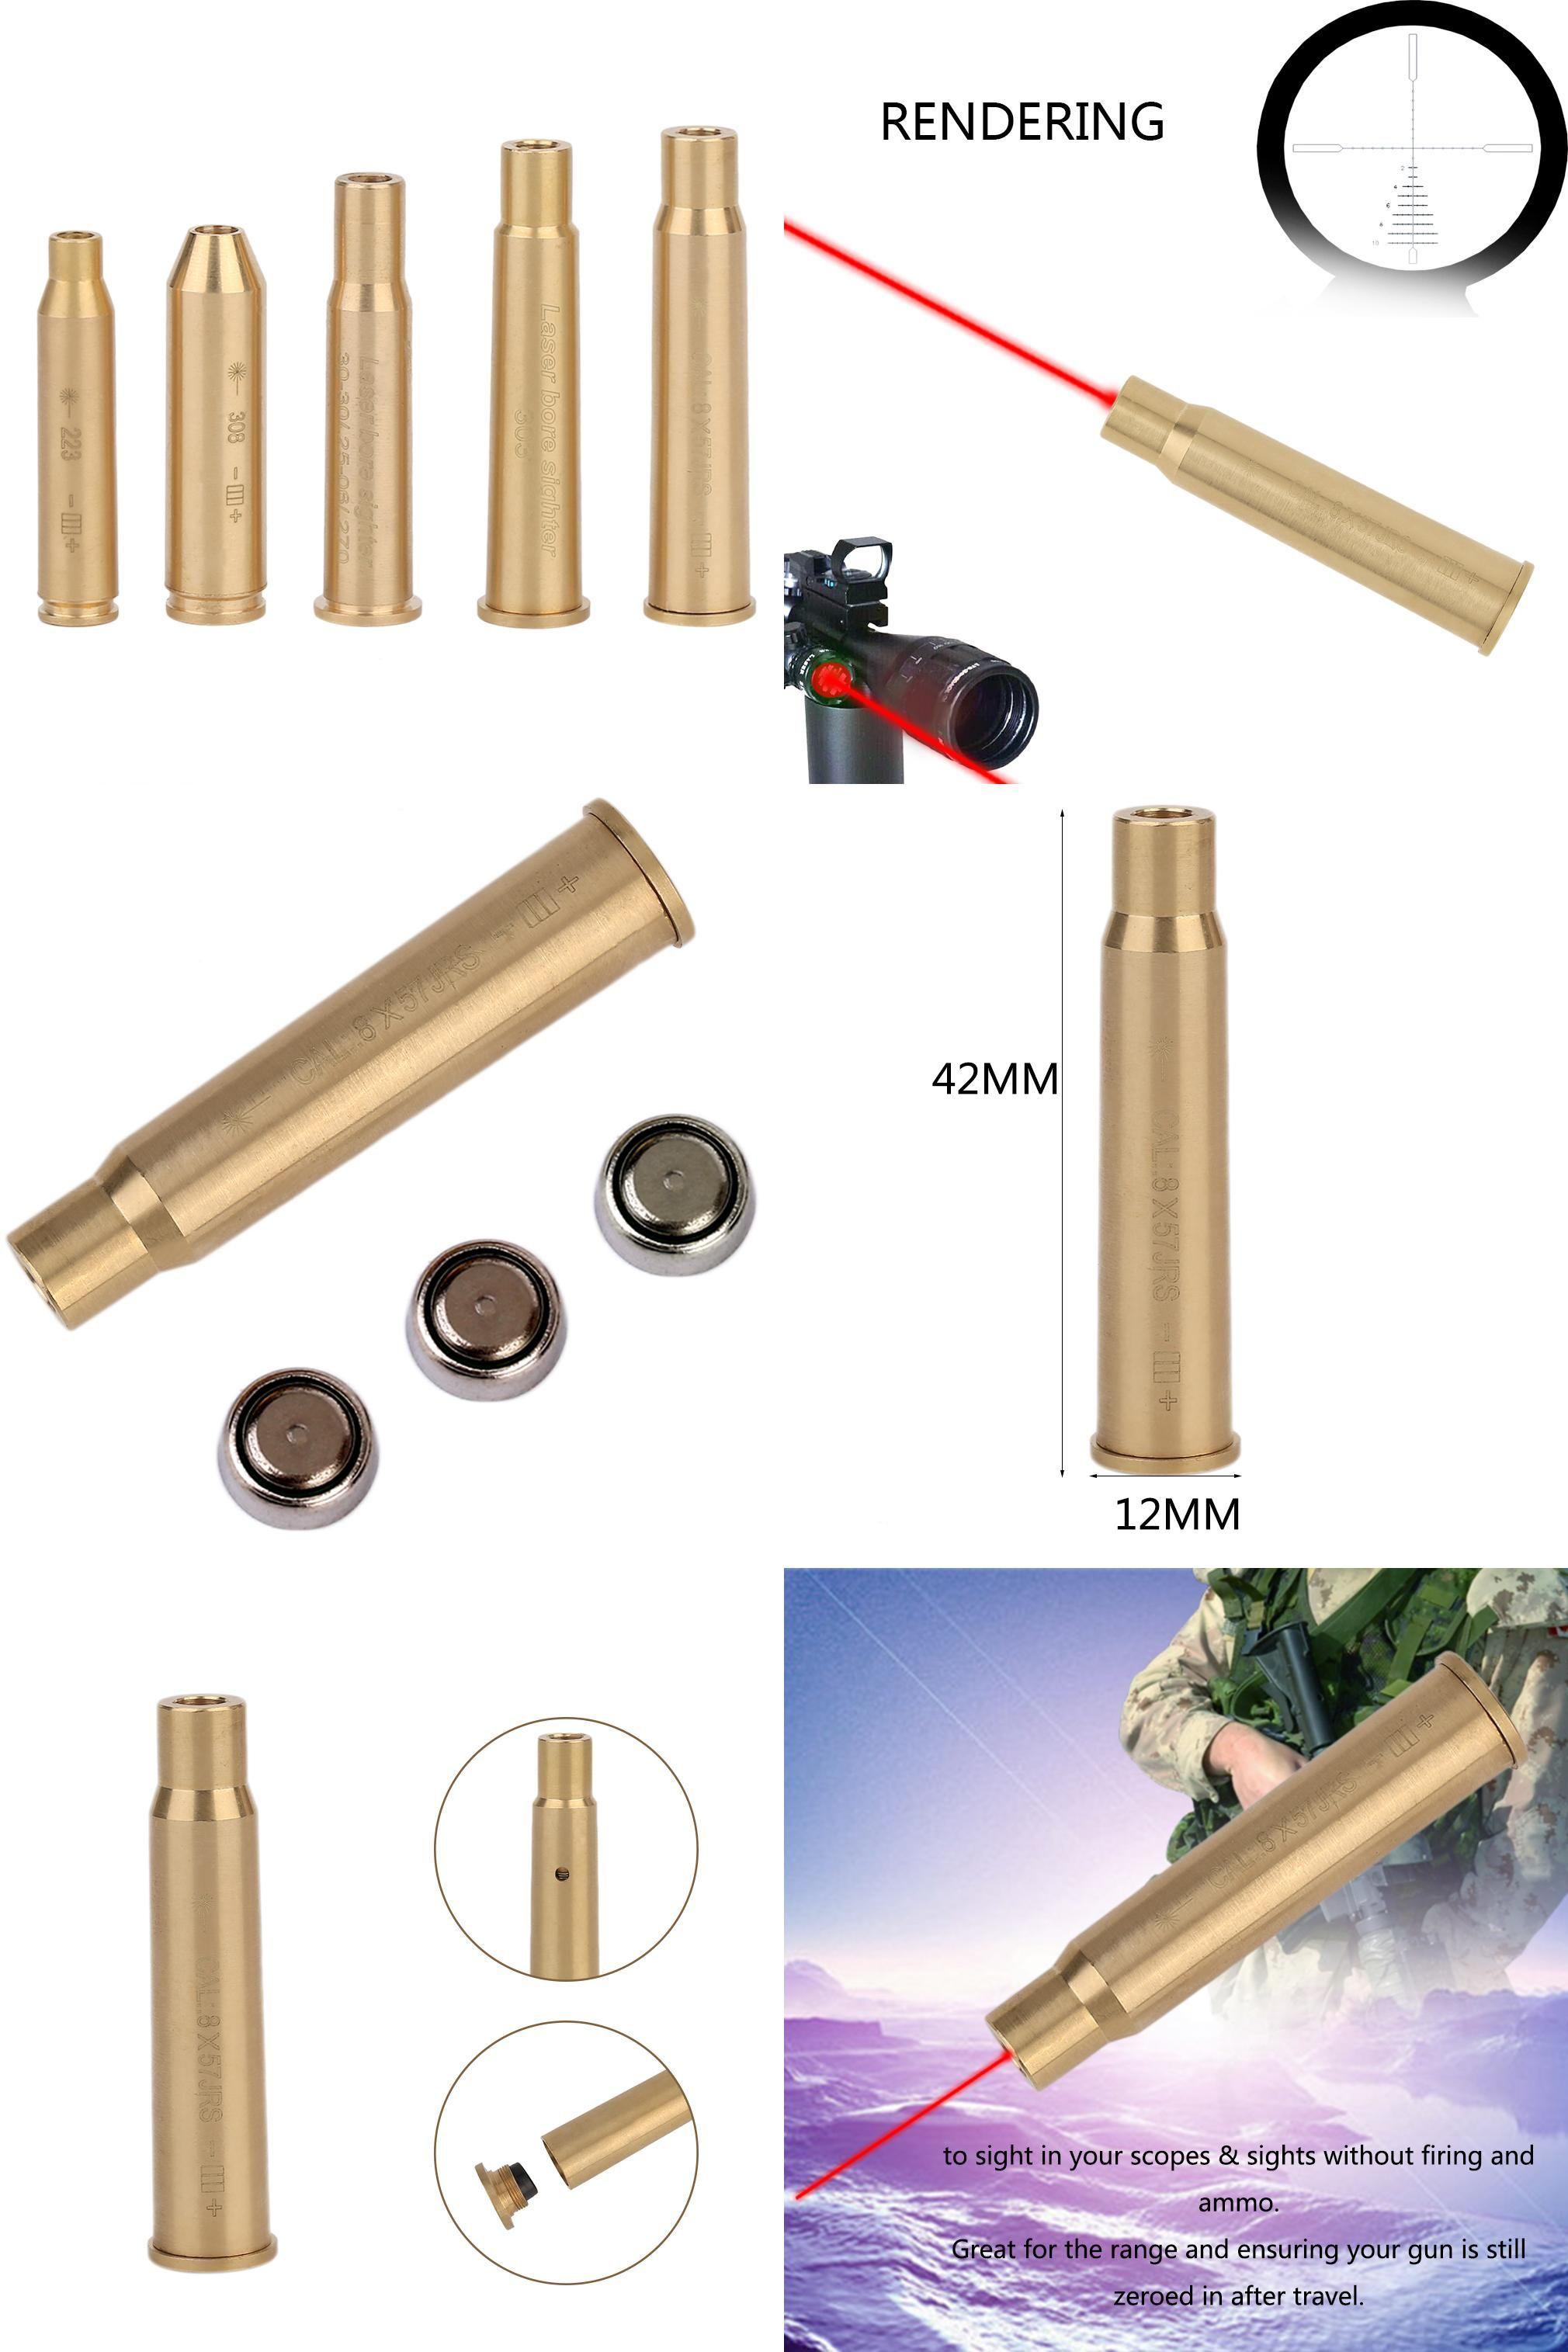 3cm Diameter Stainless Steel Target Center for Shooting Hunting Slingshot YL